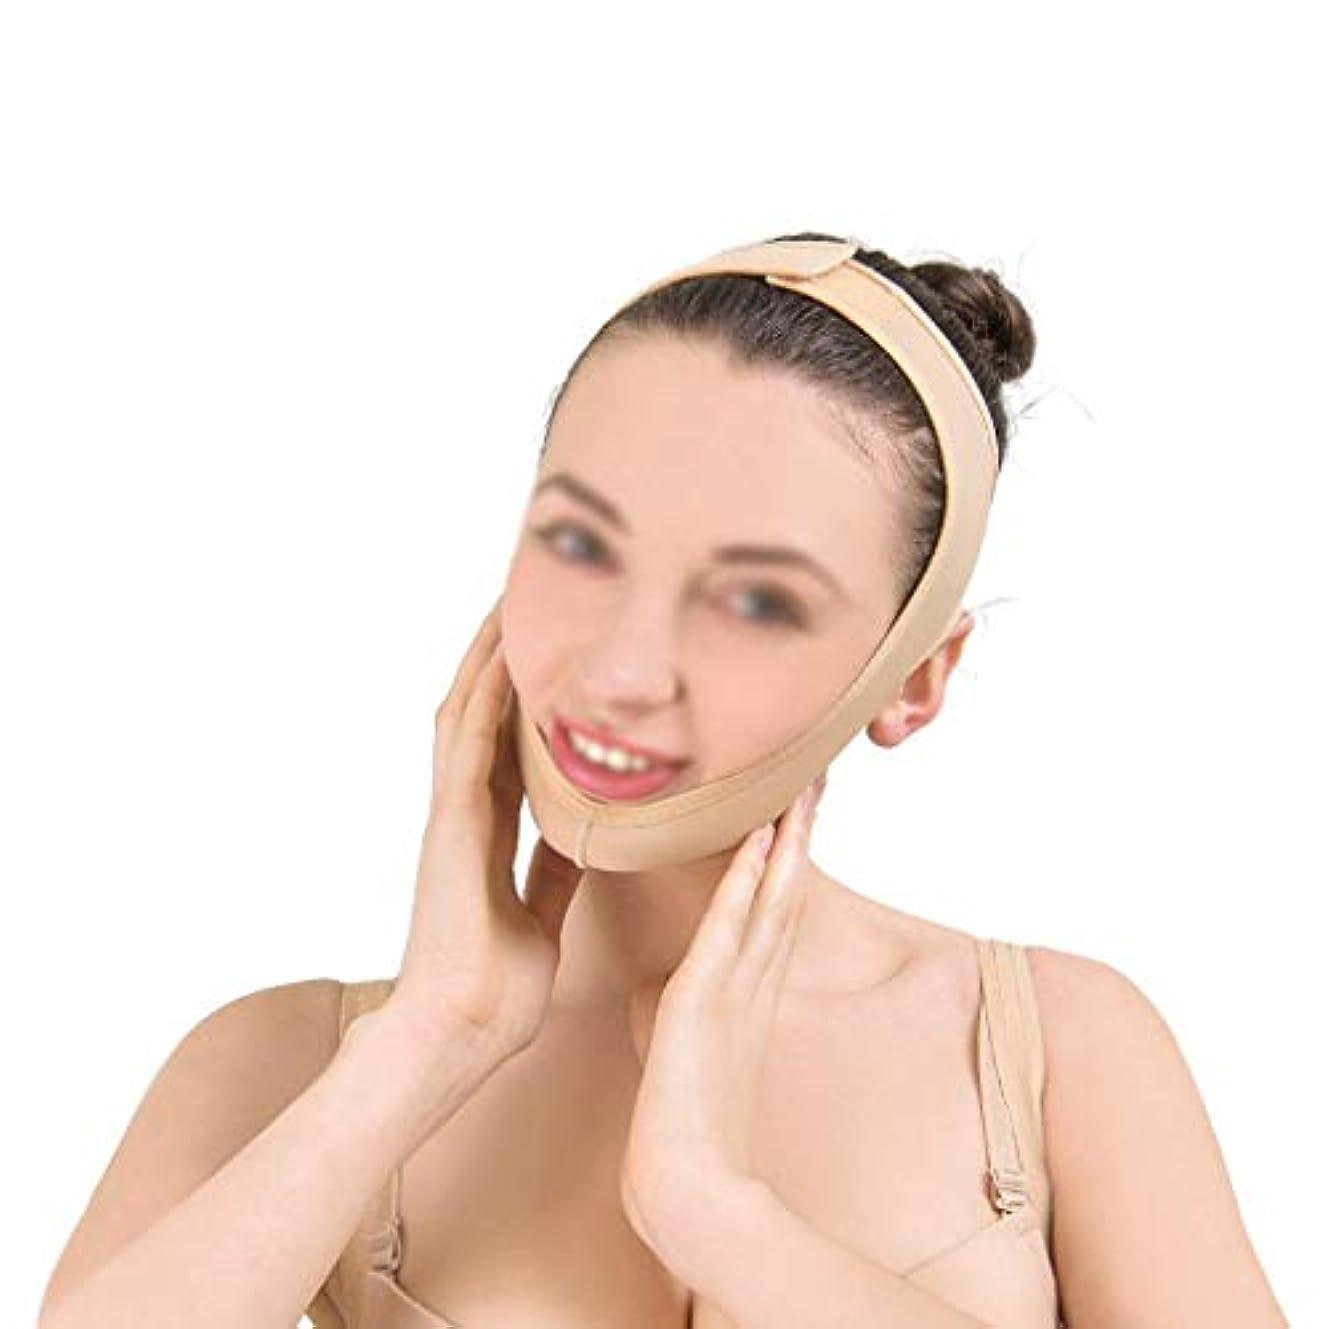 起きる命題用語集フェイスシェイピングベルト、肌の包帯を持ち上げて引き締める、フェイスベルトを持ち上げる、快適で フェイシャルリフティングマスク(サイズ:S),XL